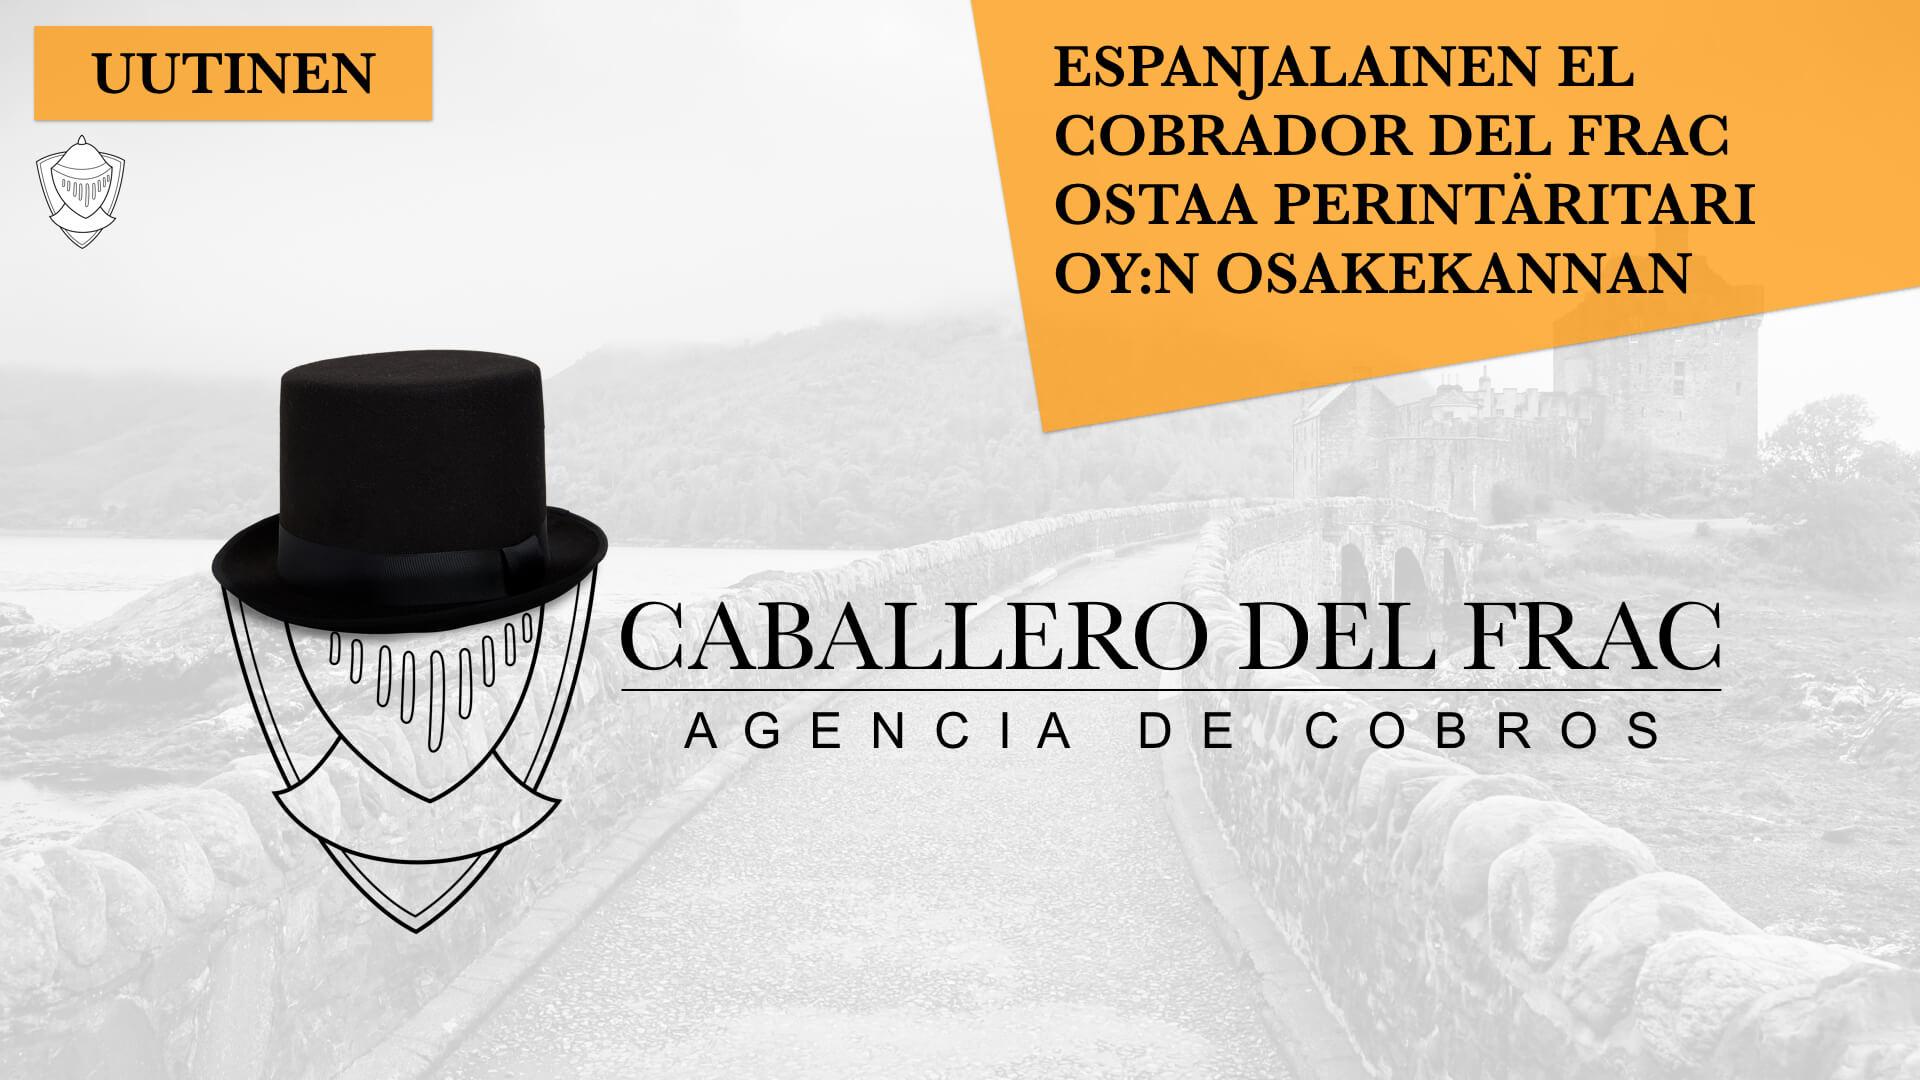 Caballero del Frac - Frakkiritari ottaa Perintäritarin paikan markkinoilta